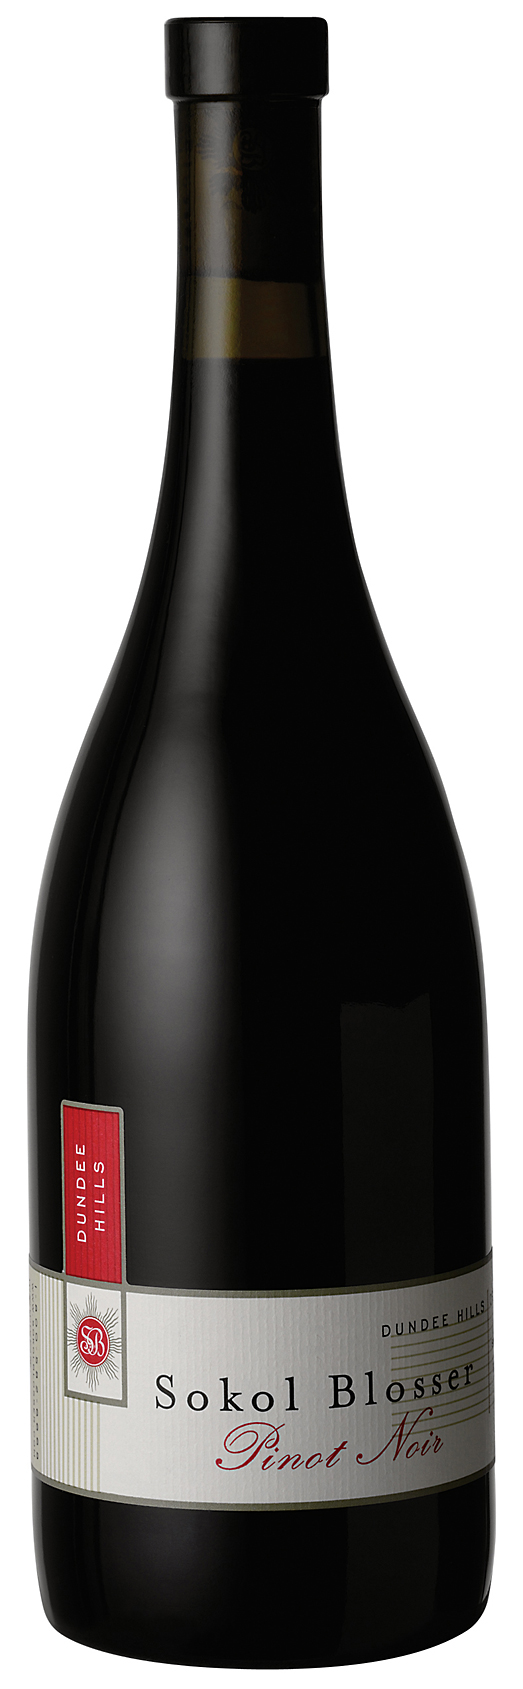 SBW-DHPN_bottle_352